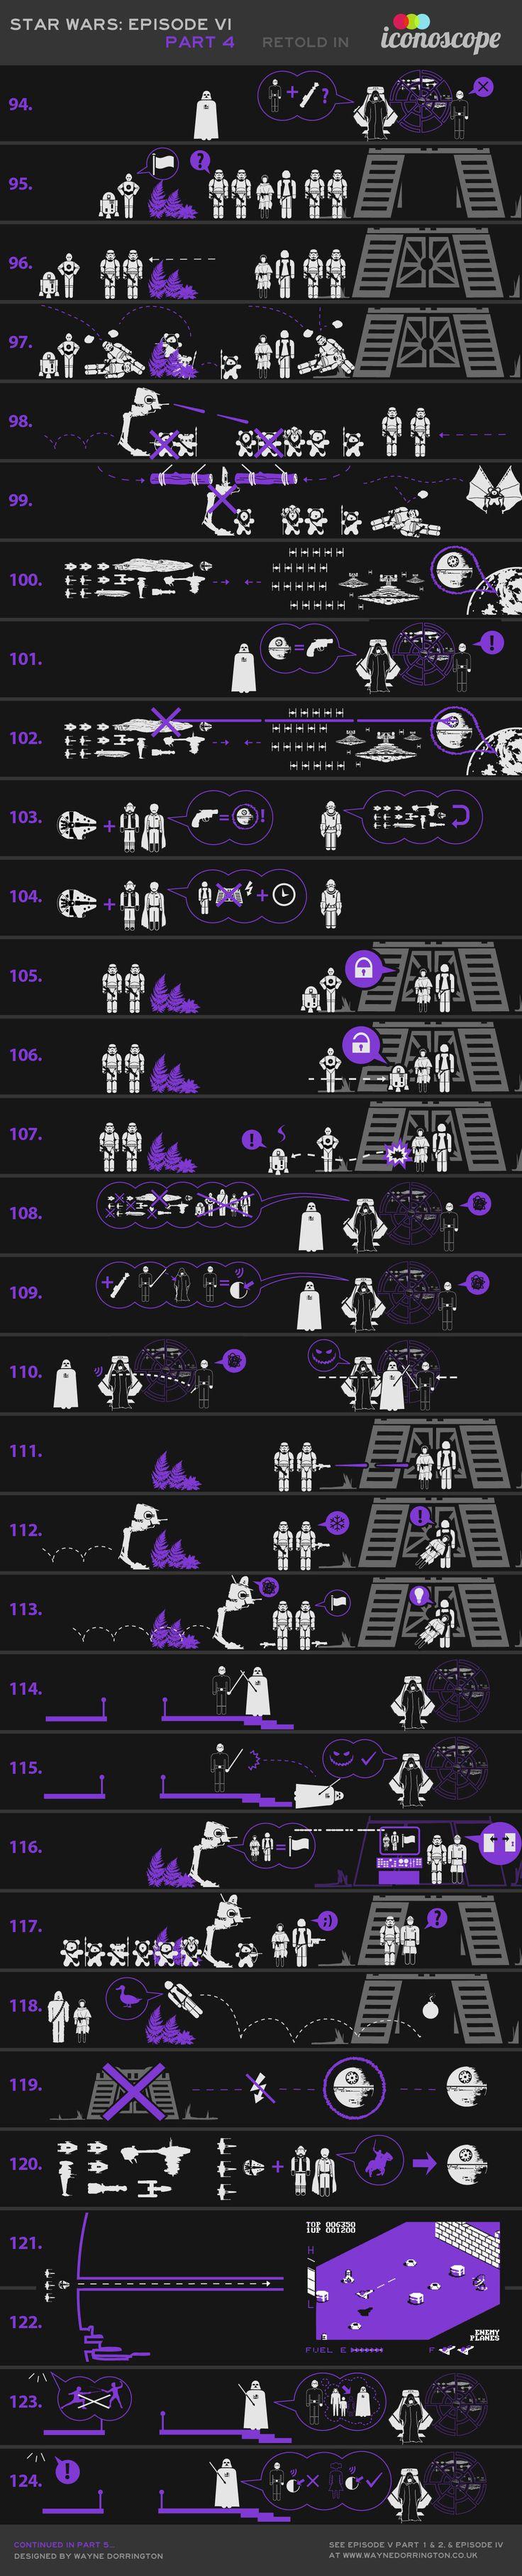 La Guerra de las Galaxias: Episodio VI [Parte 4] en Iconoscope   Star Wars: Episode VI [Part 4] Retold in Iconoscope